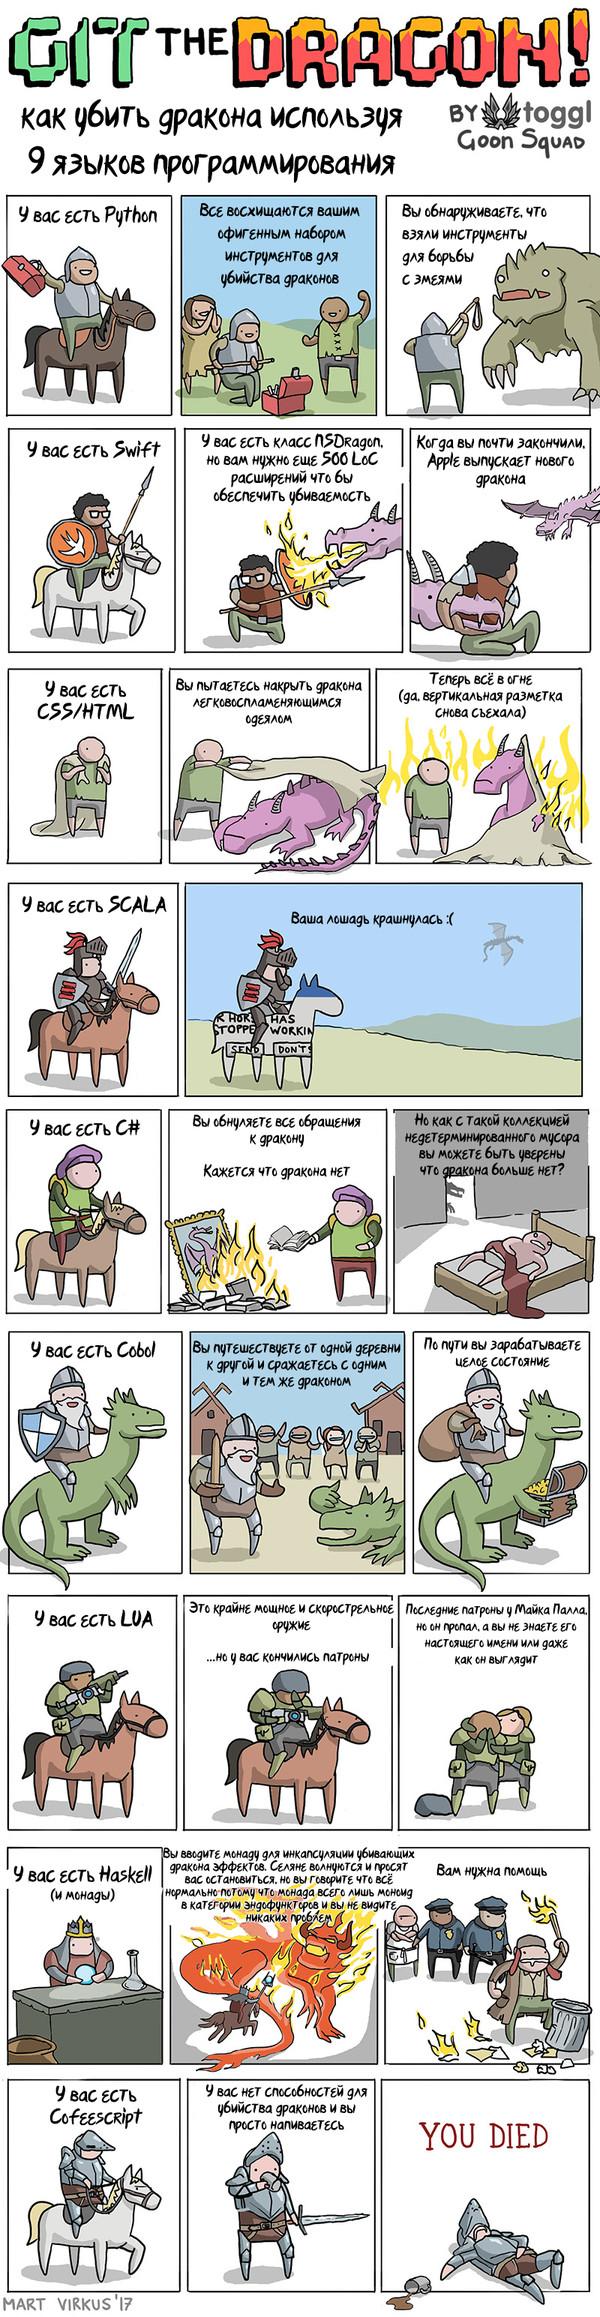 Как убить дракона Комиксы, Mart Virkus, Дракон, Языки программирования, Длиннопост